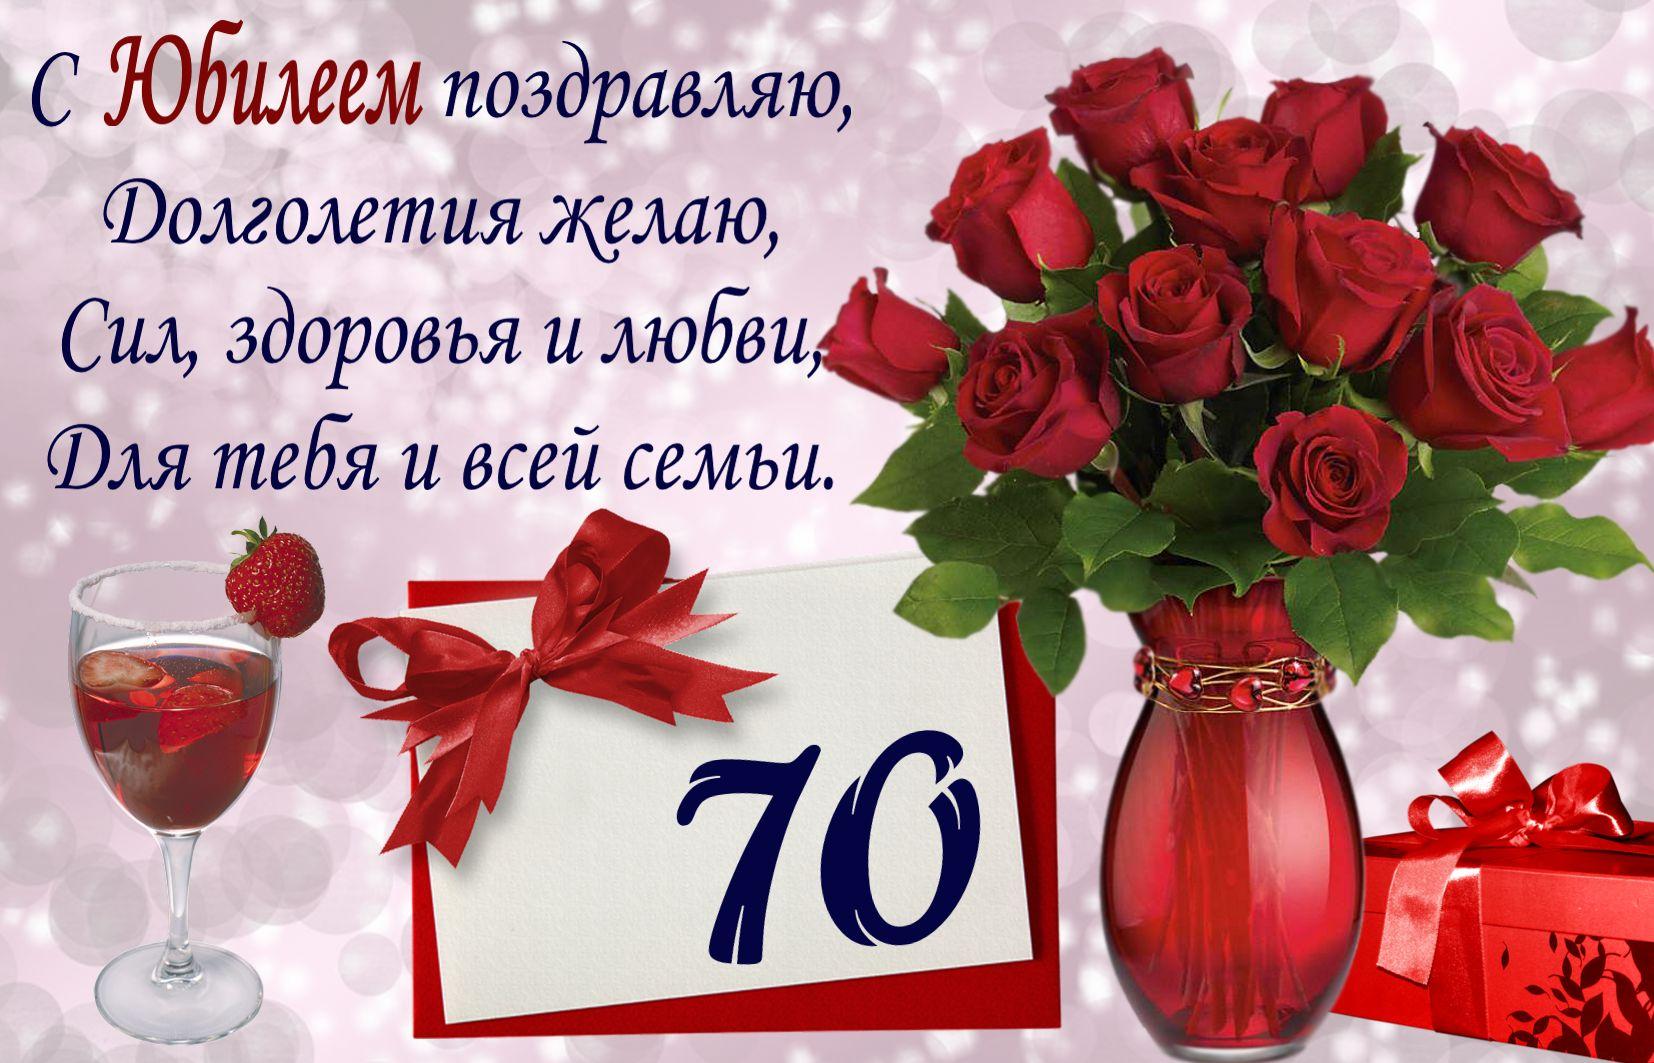 Открытка на 70 лет - букет роз и поздравление к юбилею